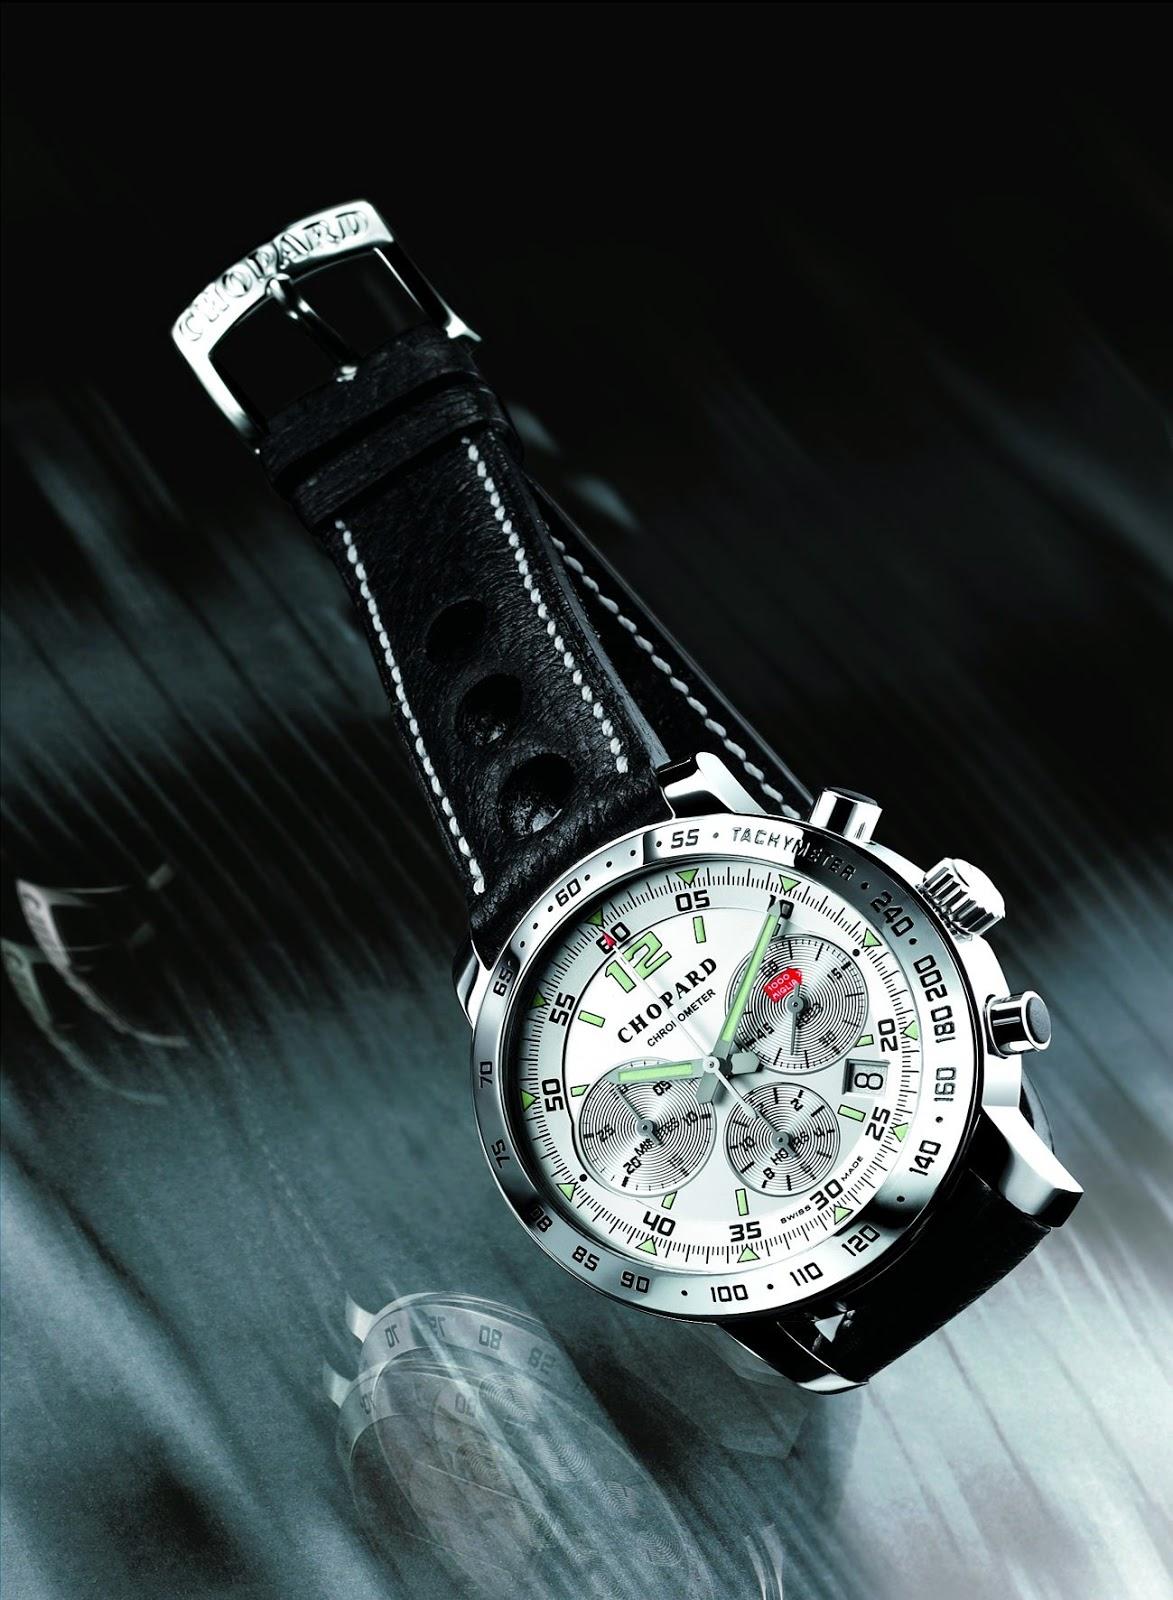 CHOPARD Mille Miglia 2003